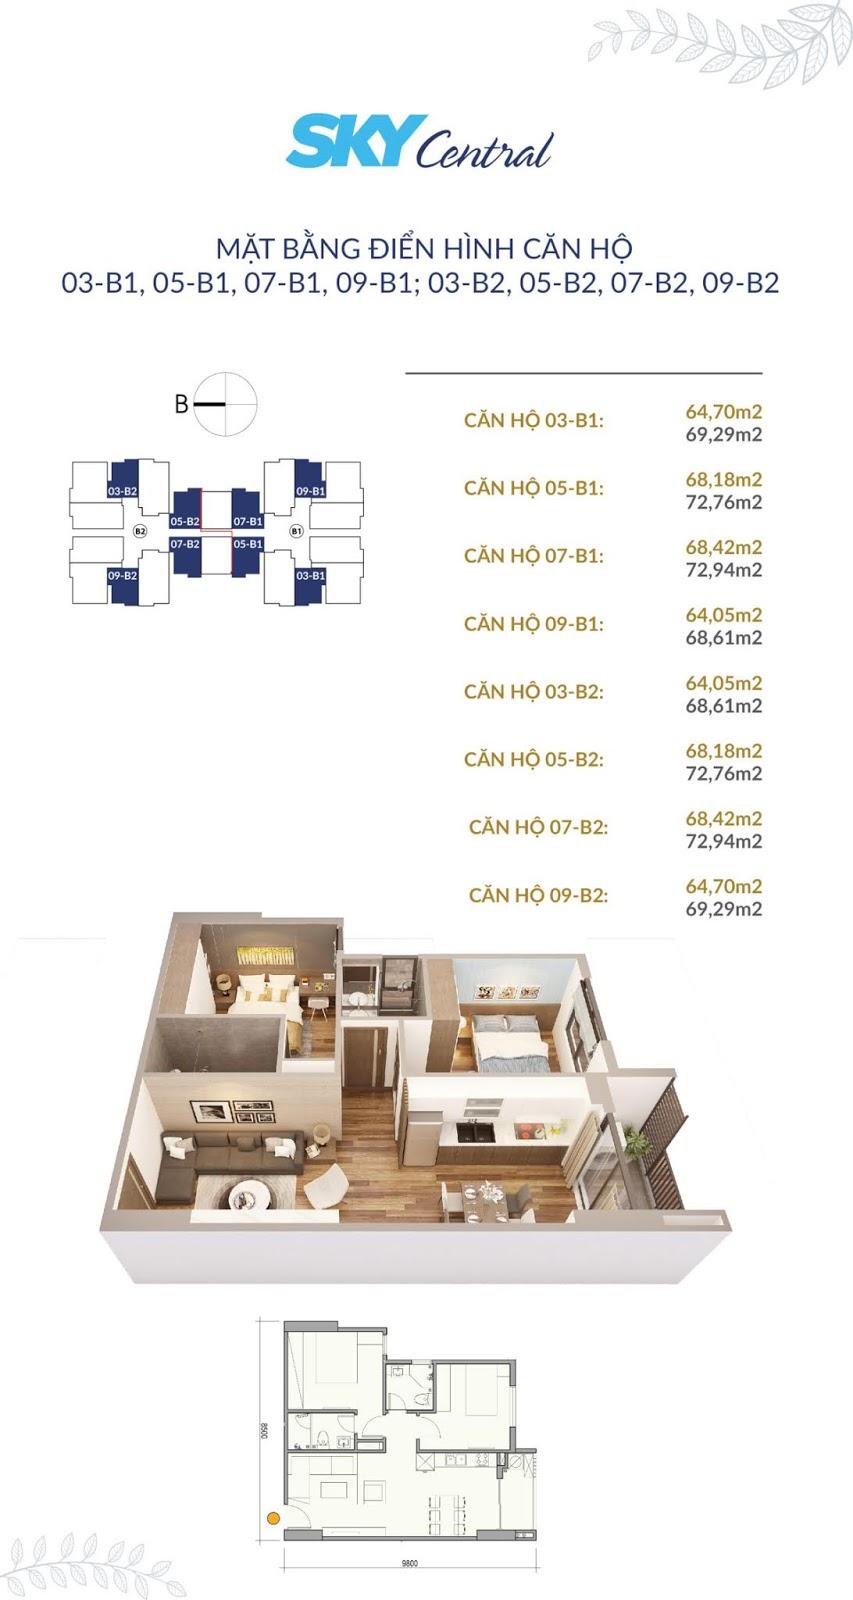 Mặt bằng thiết kế điển hình các căn hộ 2 ngủ tòa B